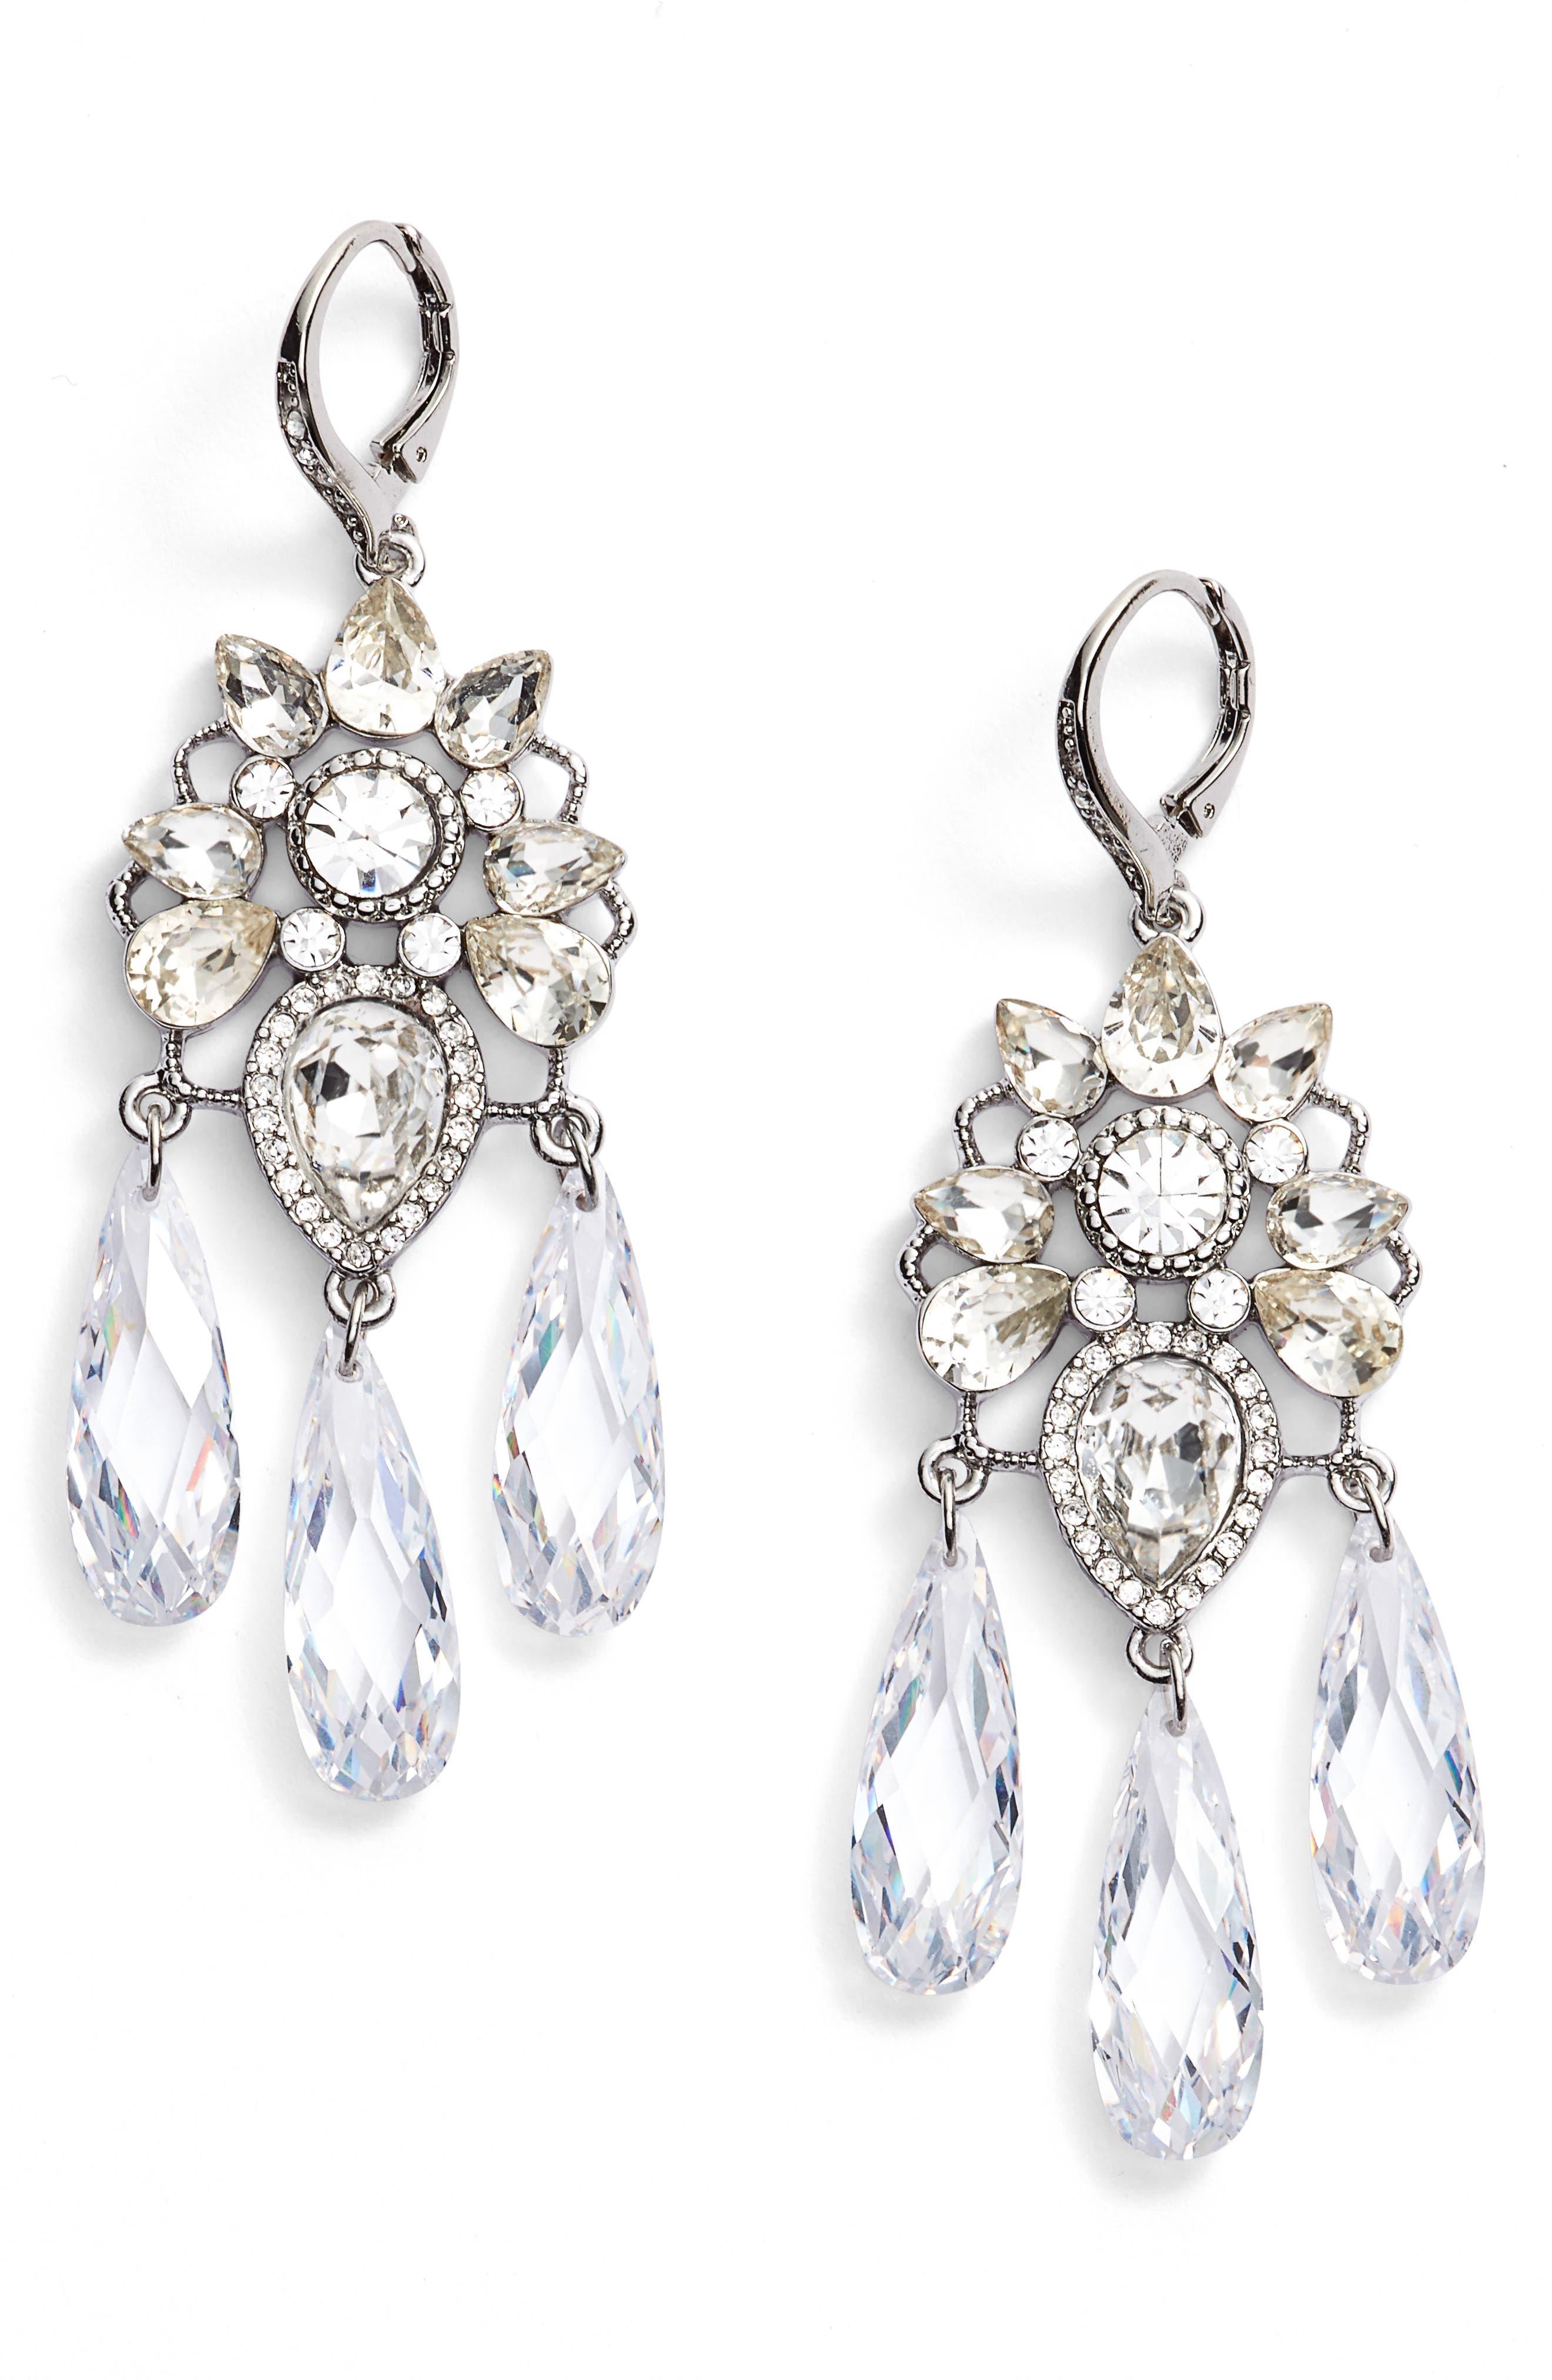 JENNY PACKHAM Chandelier Earrings, Main, color, SILVER